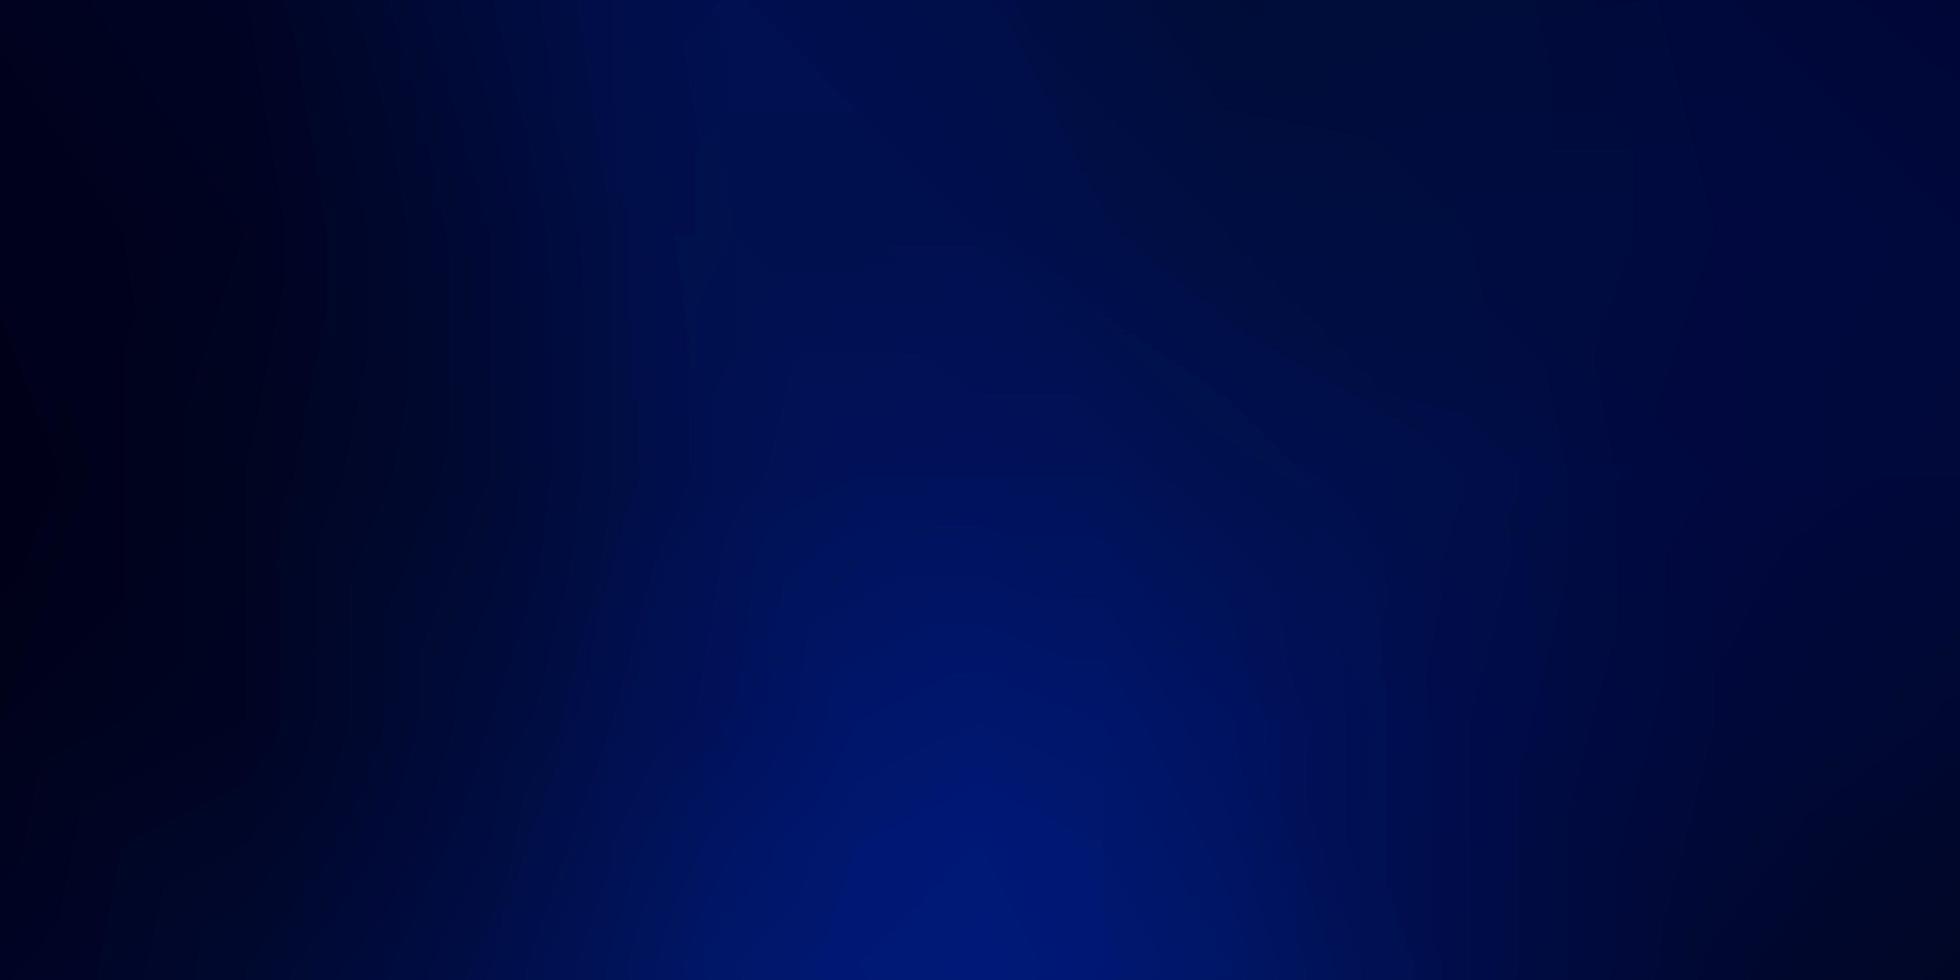 layout sfocato moderno blu scuro. vettore